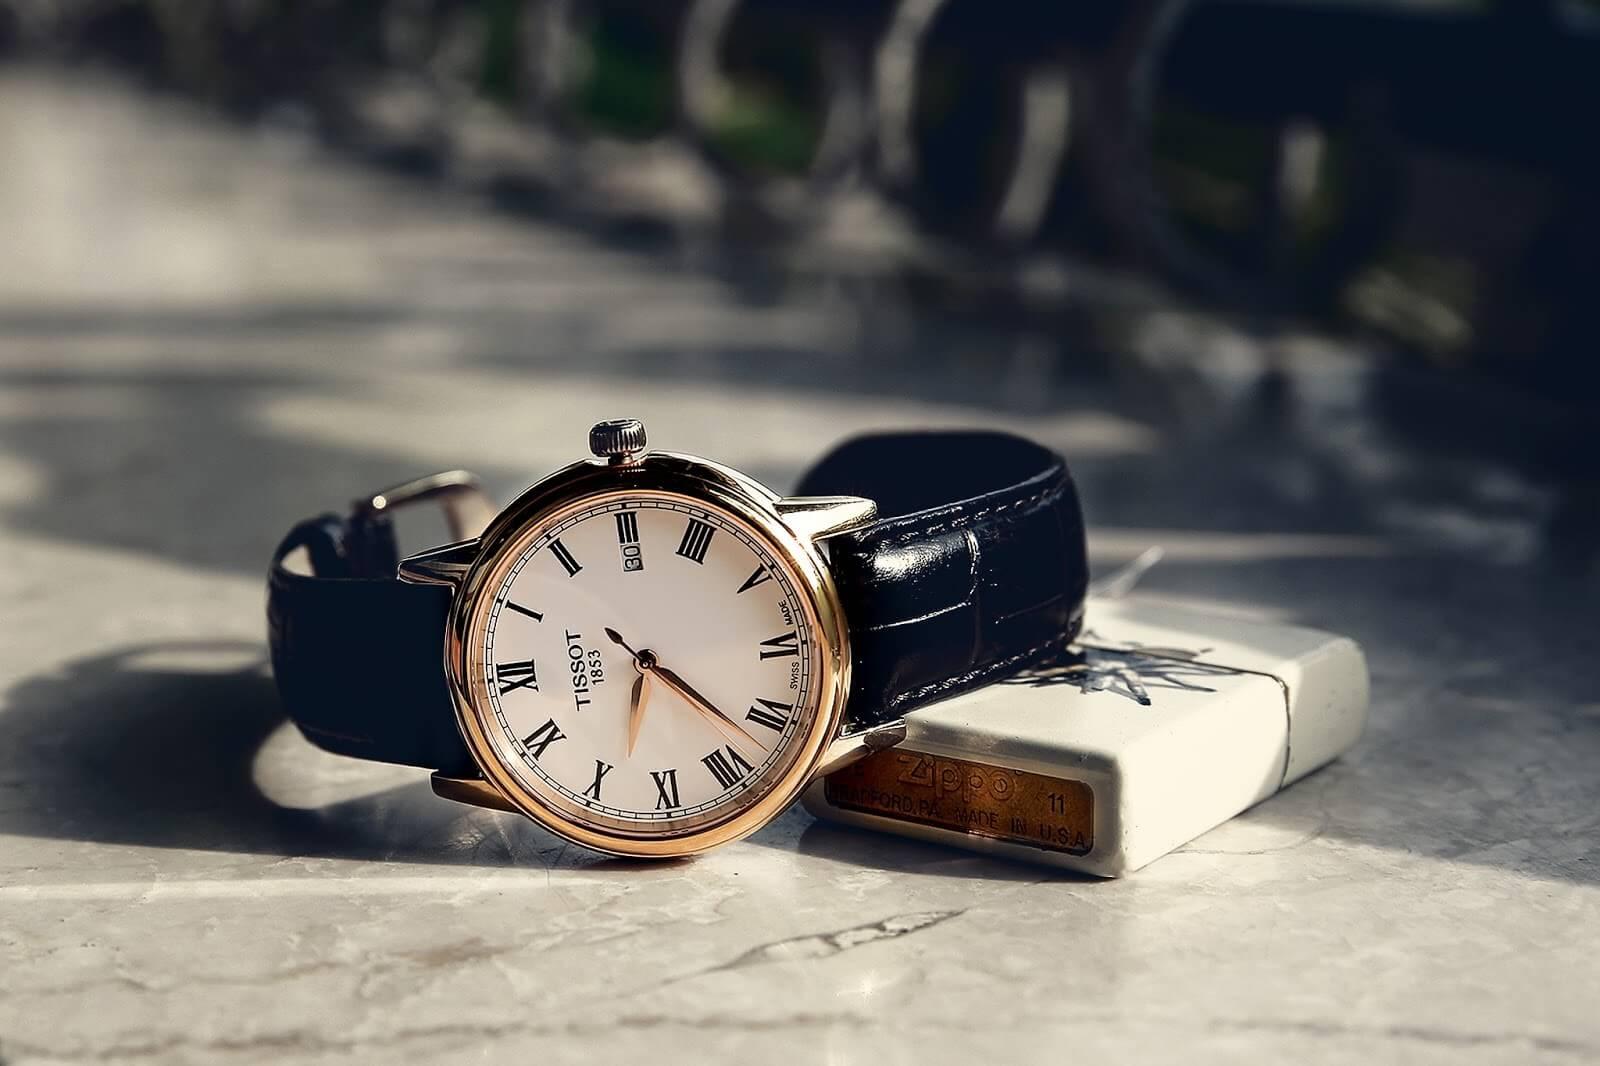 Địa chỉ mua đồng hồ mua đồng hồ Tissot chính hãng tại Hà Nội